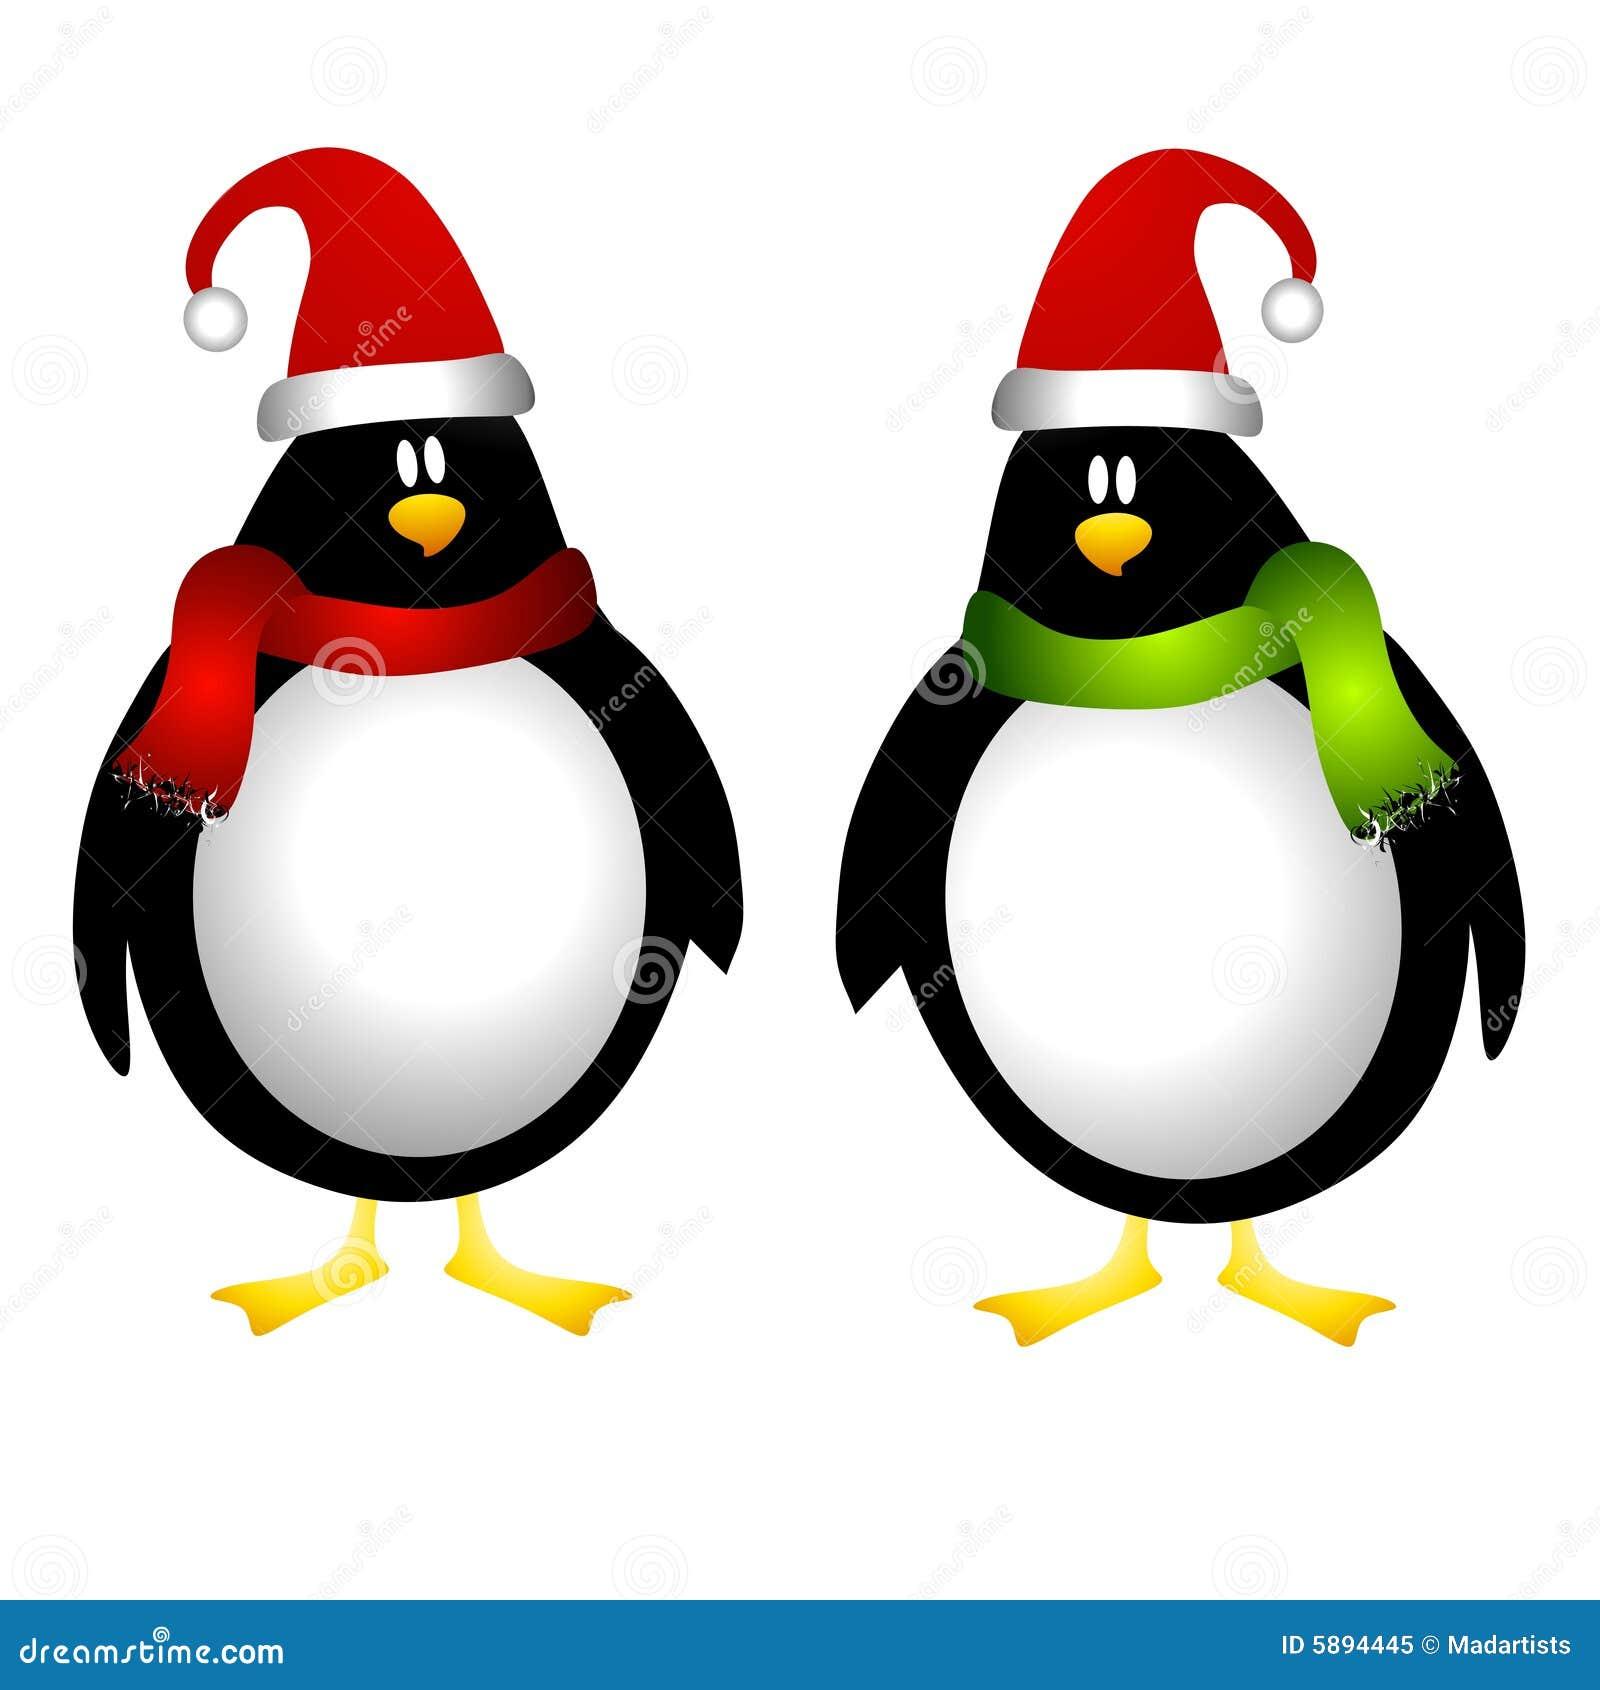 圣诞节企鹅 免版税库存照片 - 图片: 5894445